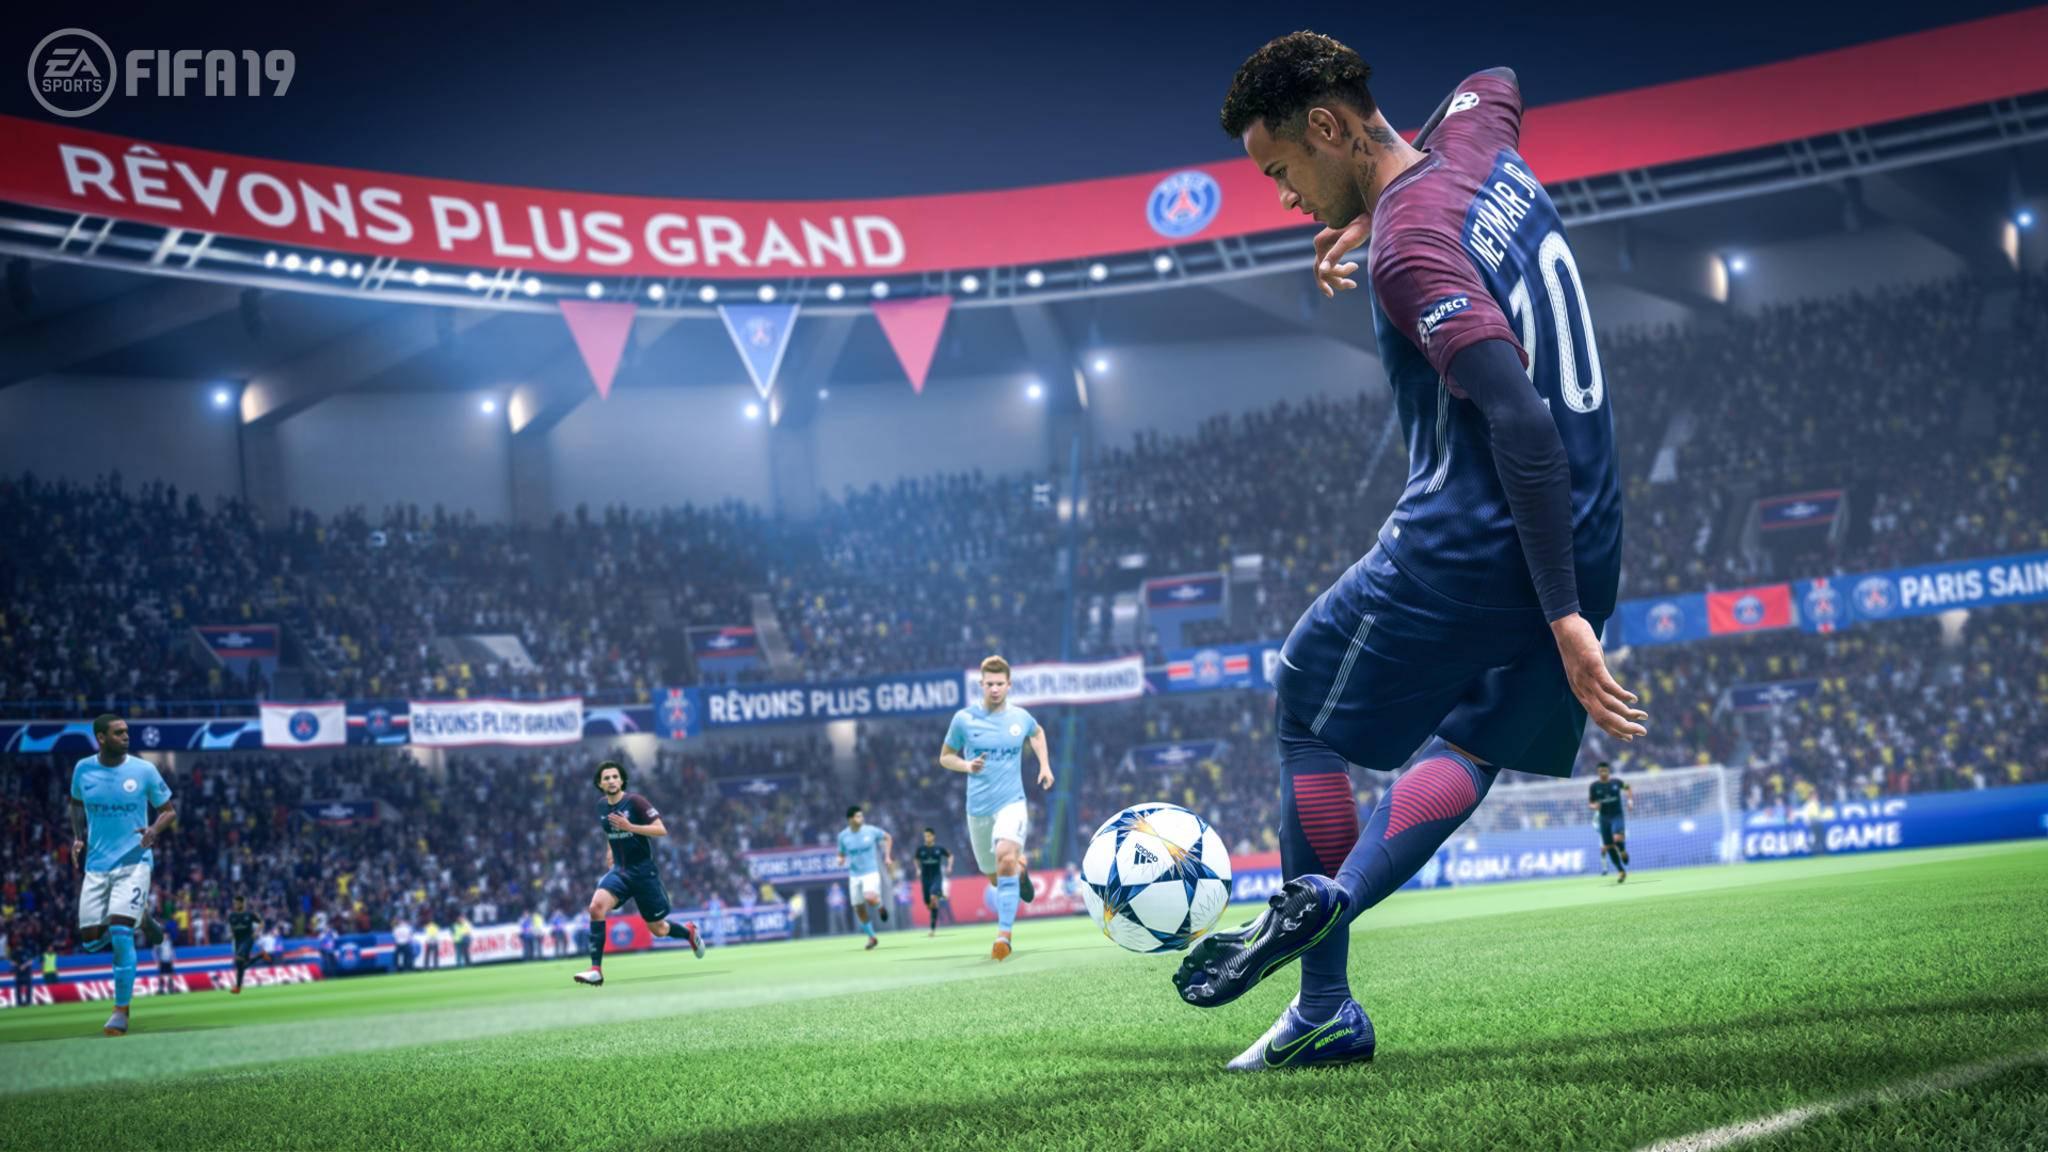 """""""FIFA 19"""" bietet viel Bewährtes und ein paar spektakuläre Neuerungen."""